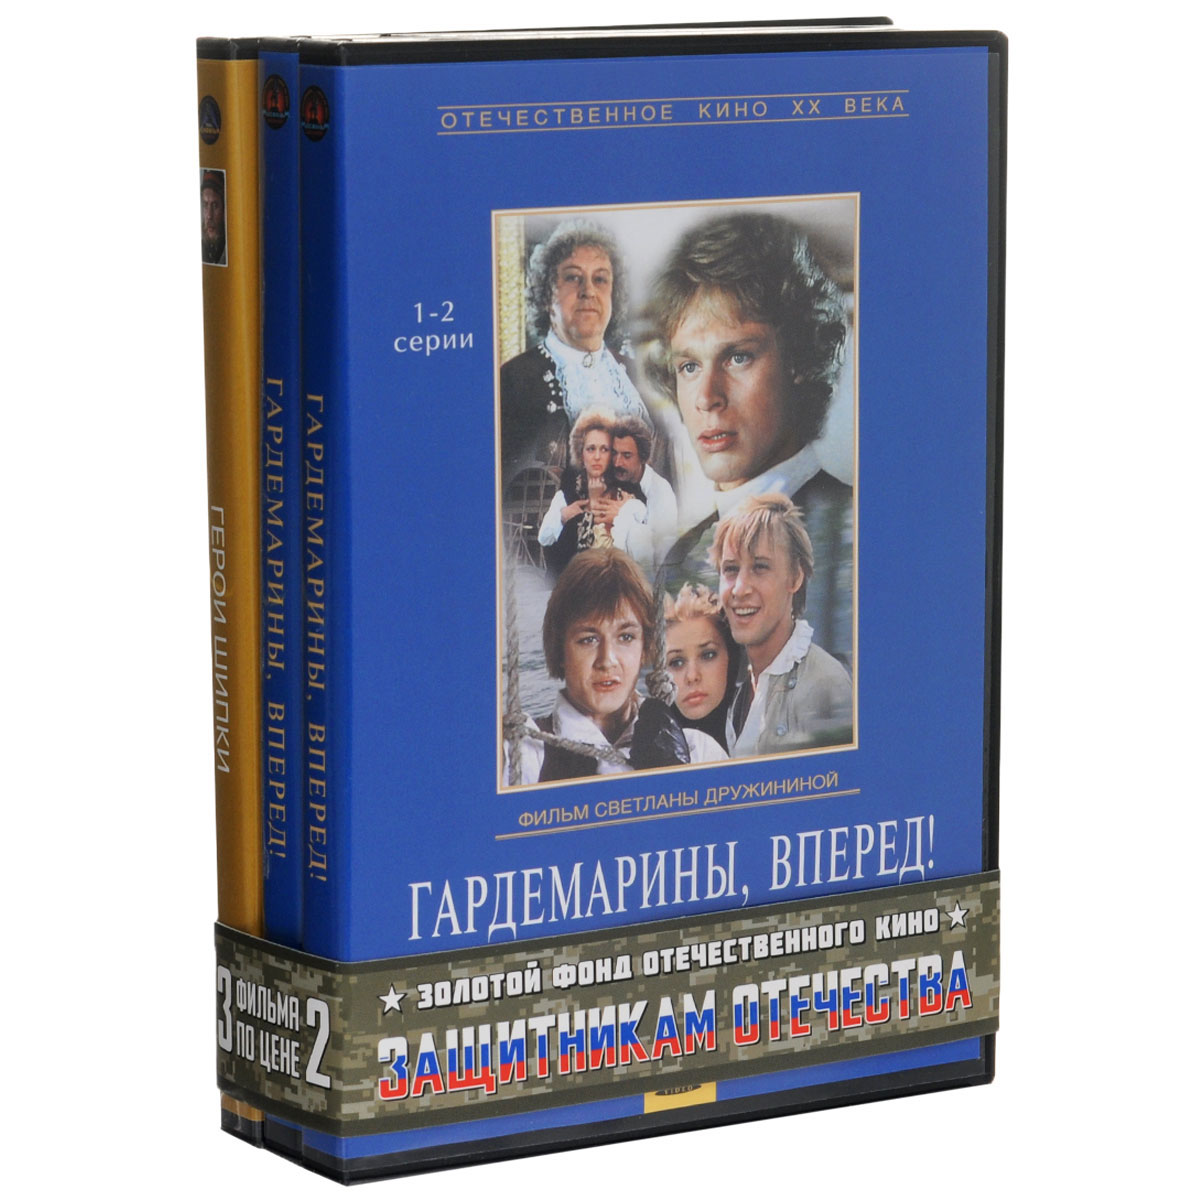 Защитникам отечества: Гардемарины, вперед! 1-4 серии 2DVD / Герои Шипки. 1-2 серии (3 DVD) гардемарины 4 dvd